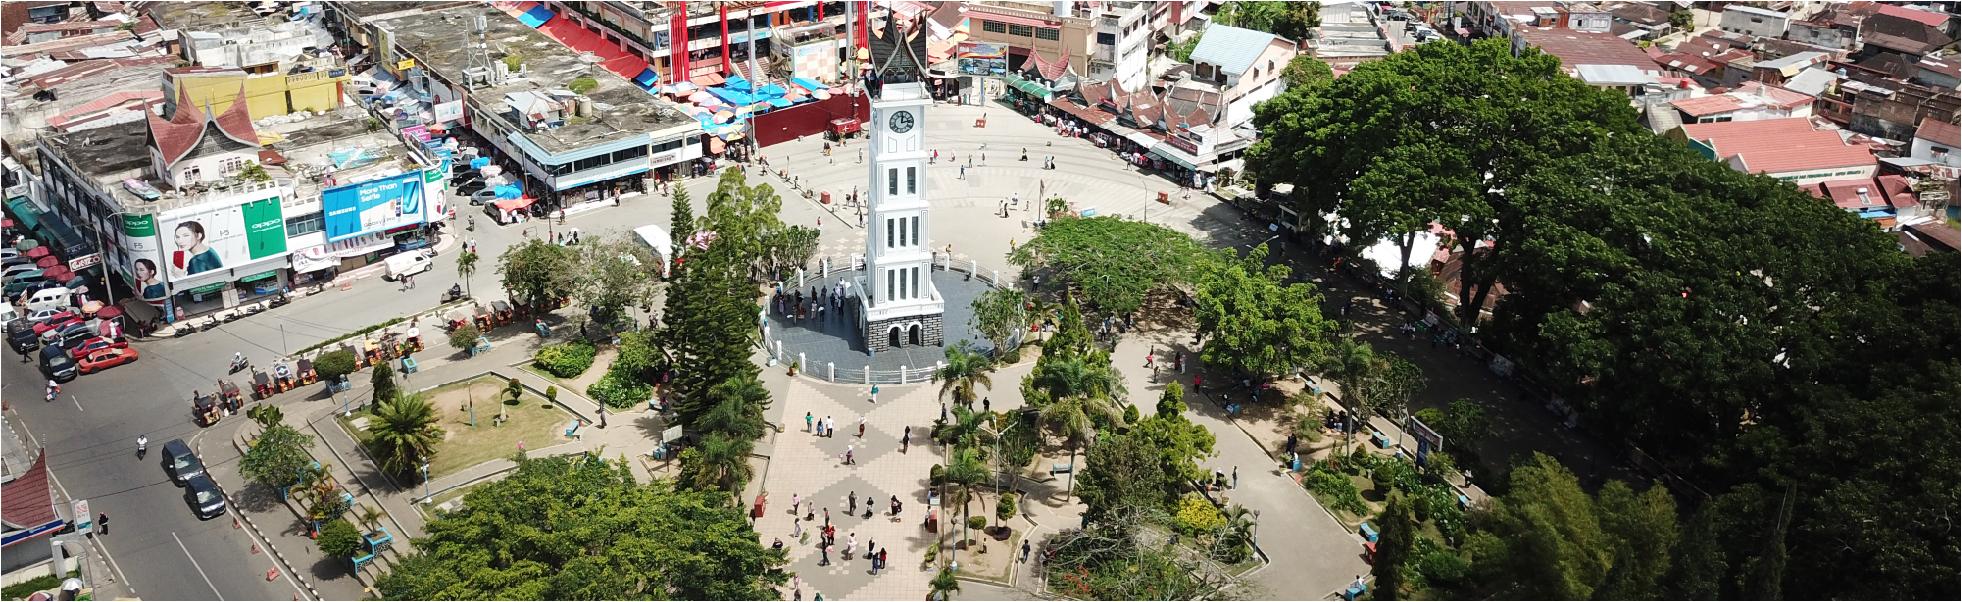 Paket Tour Padang Danau Kembar Singkarak Maninjau Bukittinggi 4D3N